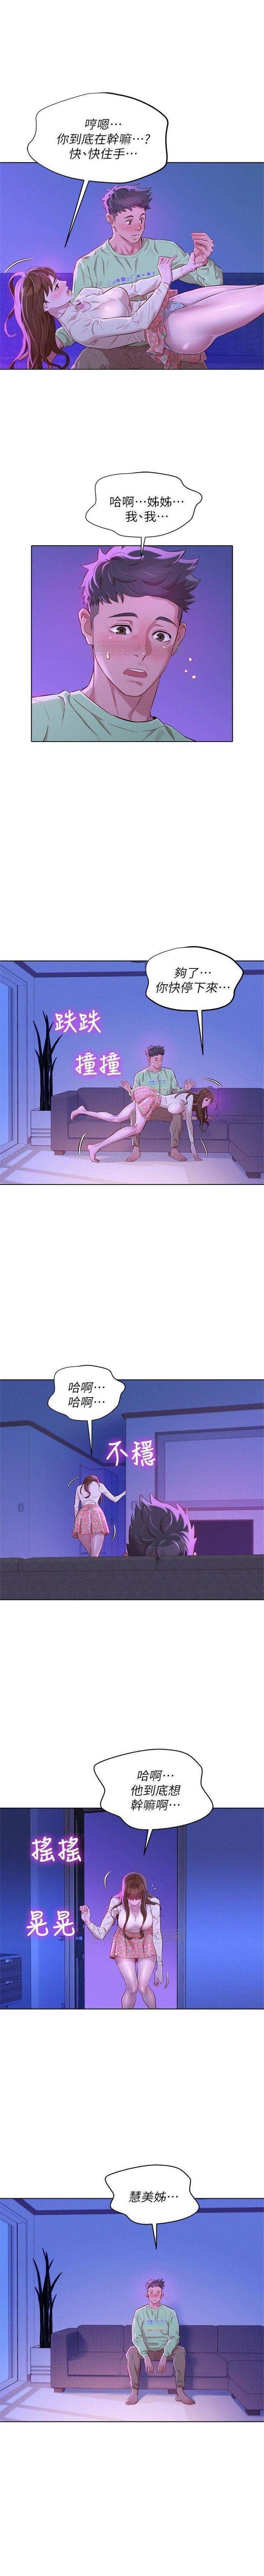 (周7)漂亮干姐姐  1-79 中文翻译 (更新中) 395